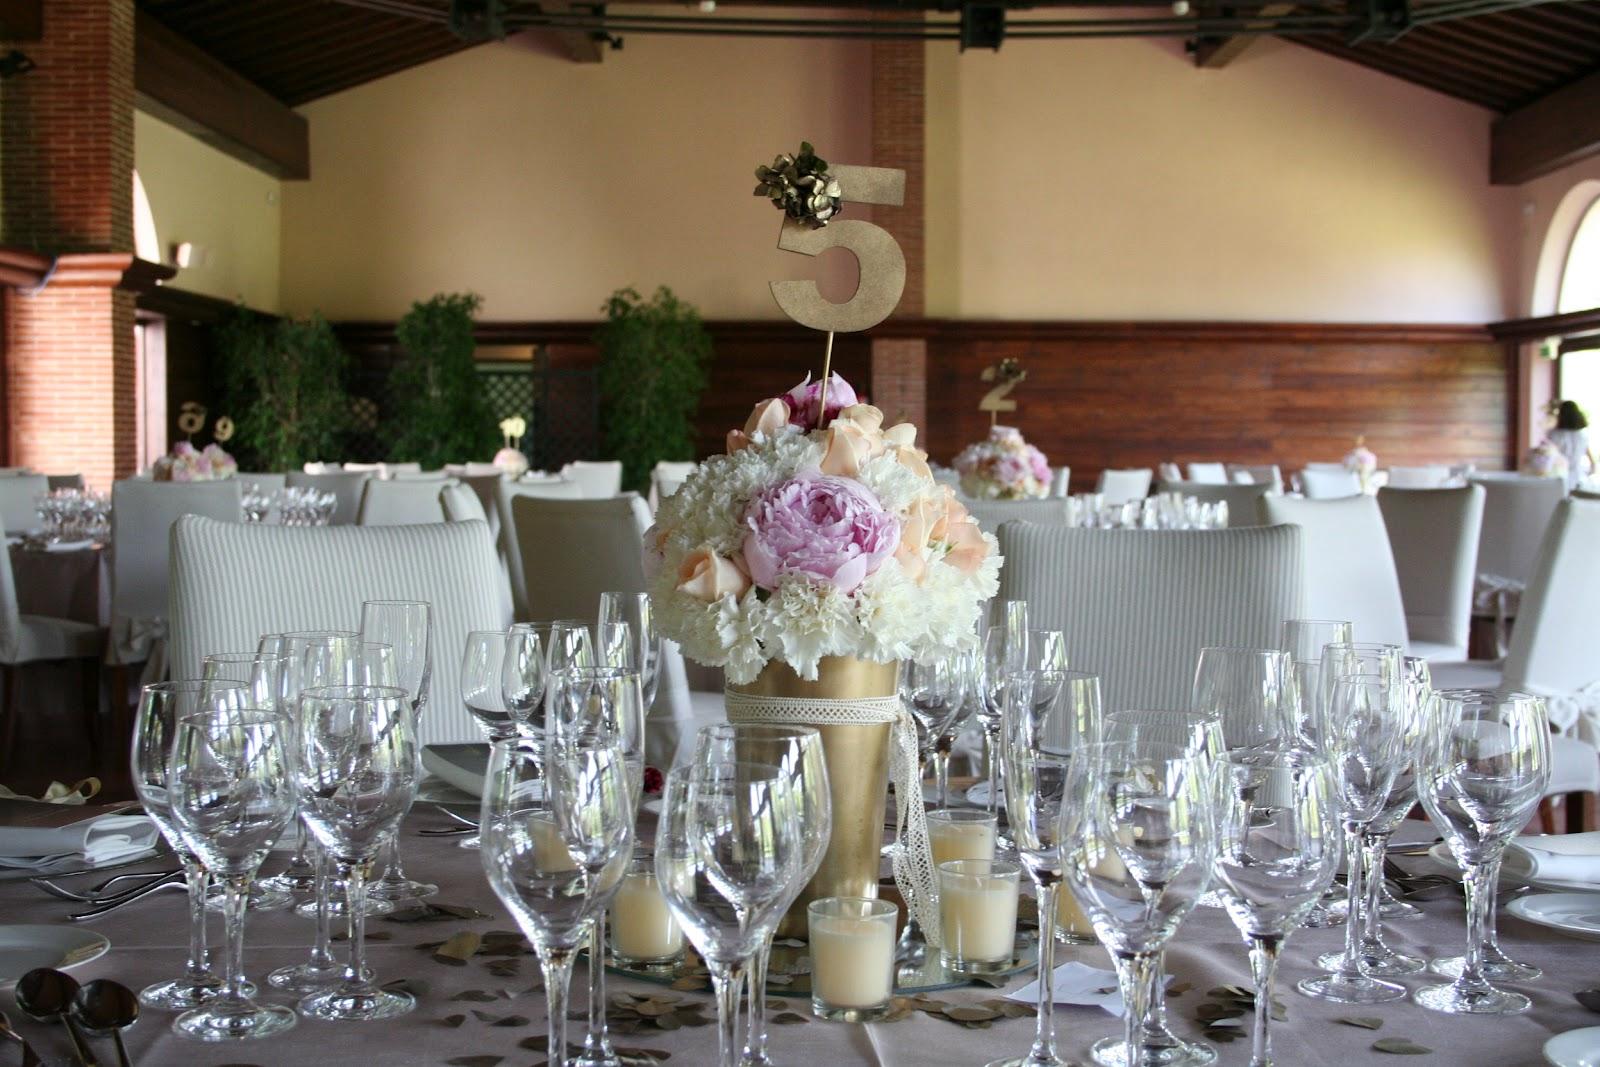 Continuando con el mismo estilo de la ceremonia, la zona del aperitivo fue iluminada con velas flotantes y suspendidas. Flores en colores rosa,